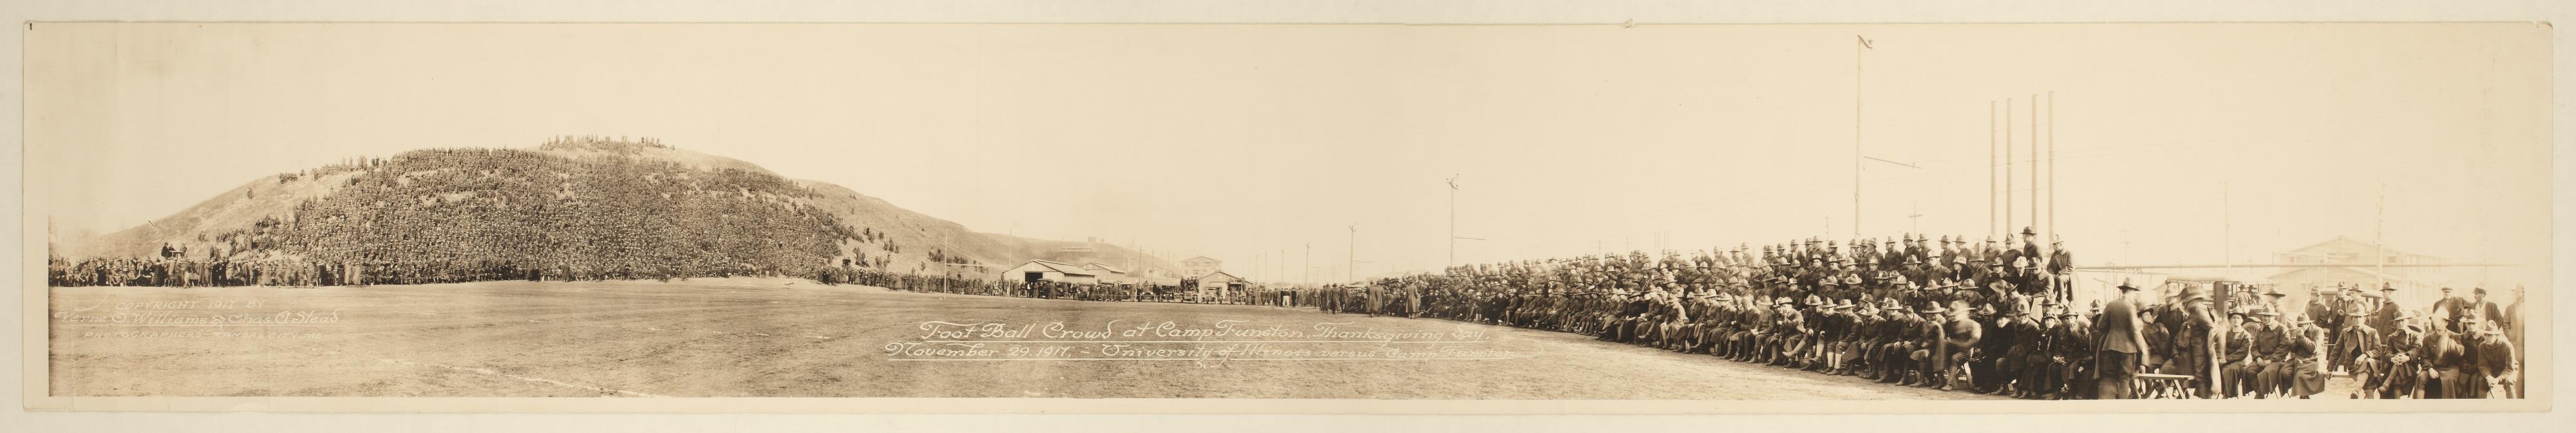 Camp Funston, Fort Riley